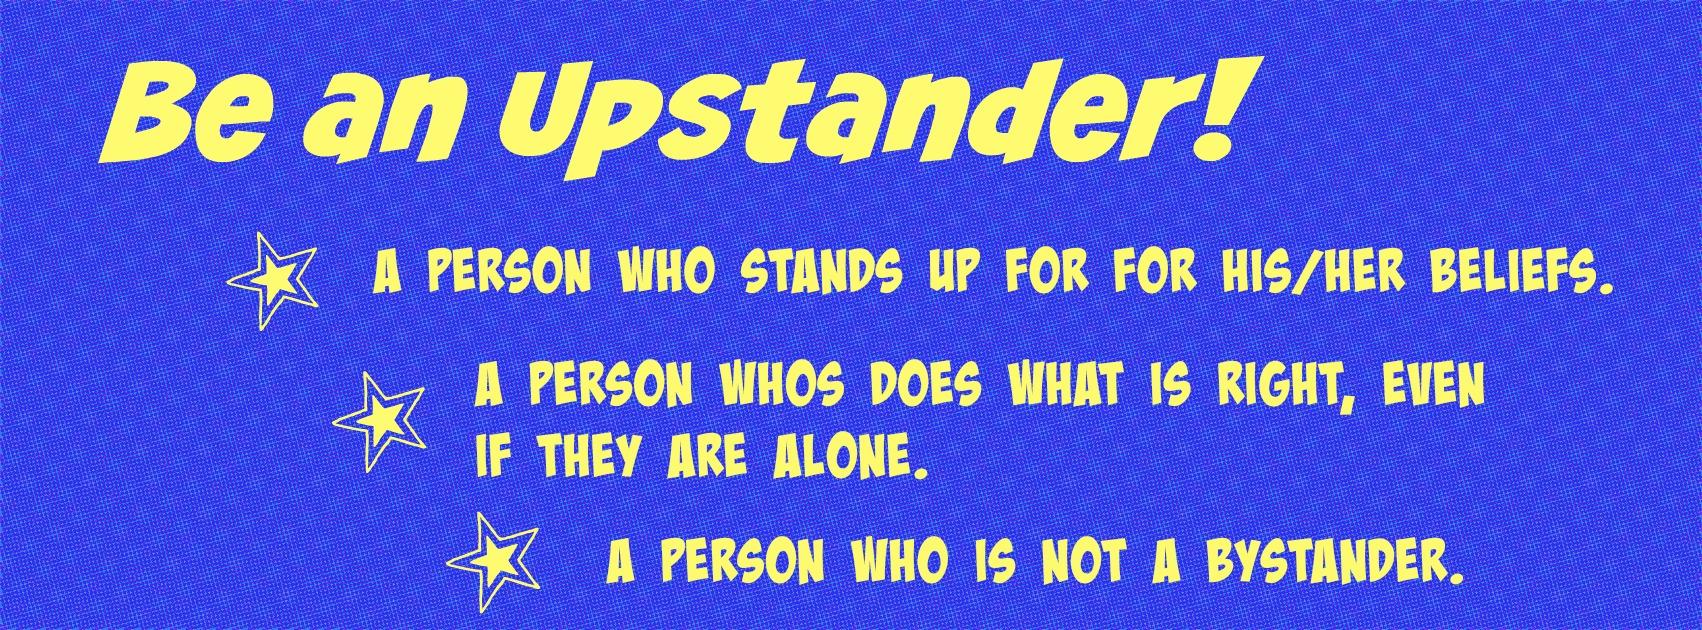 be-an-upstander